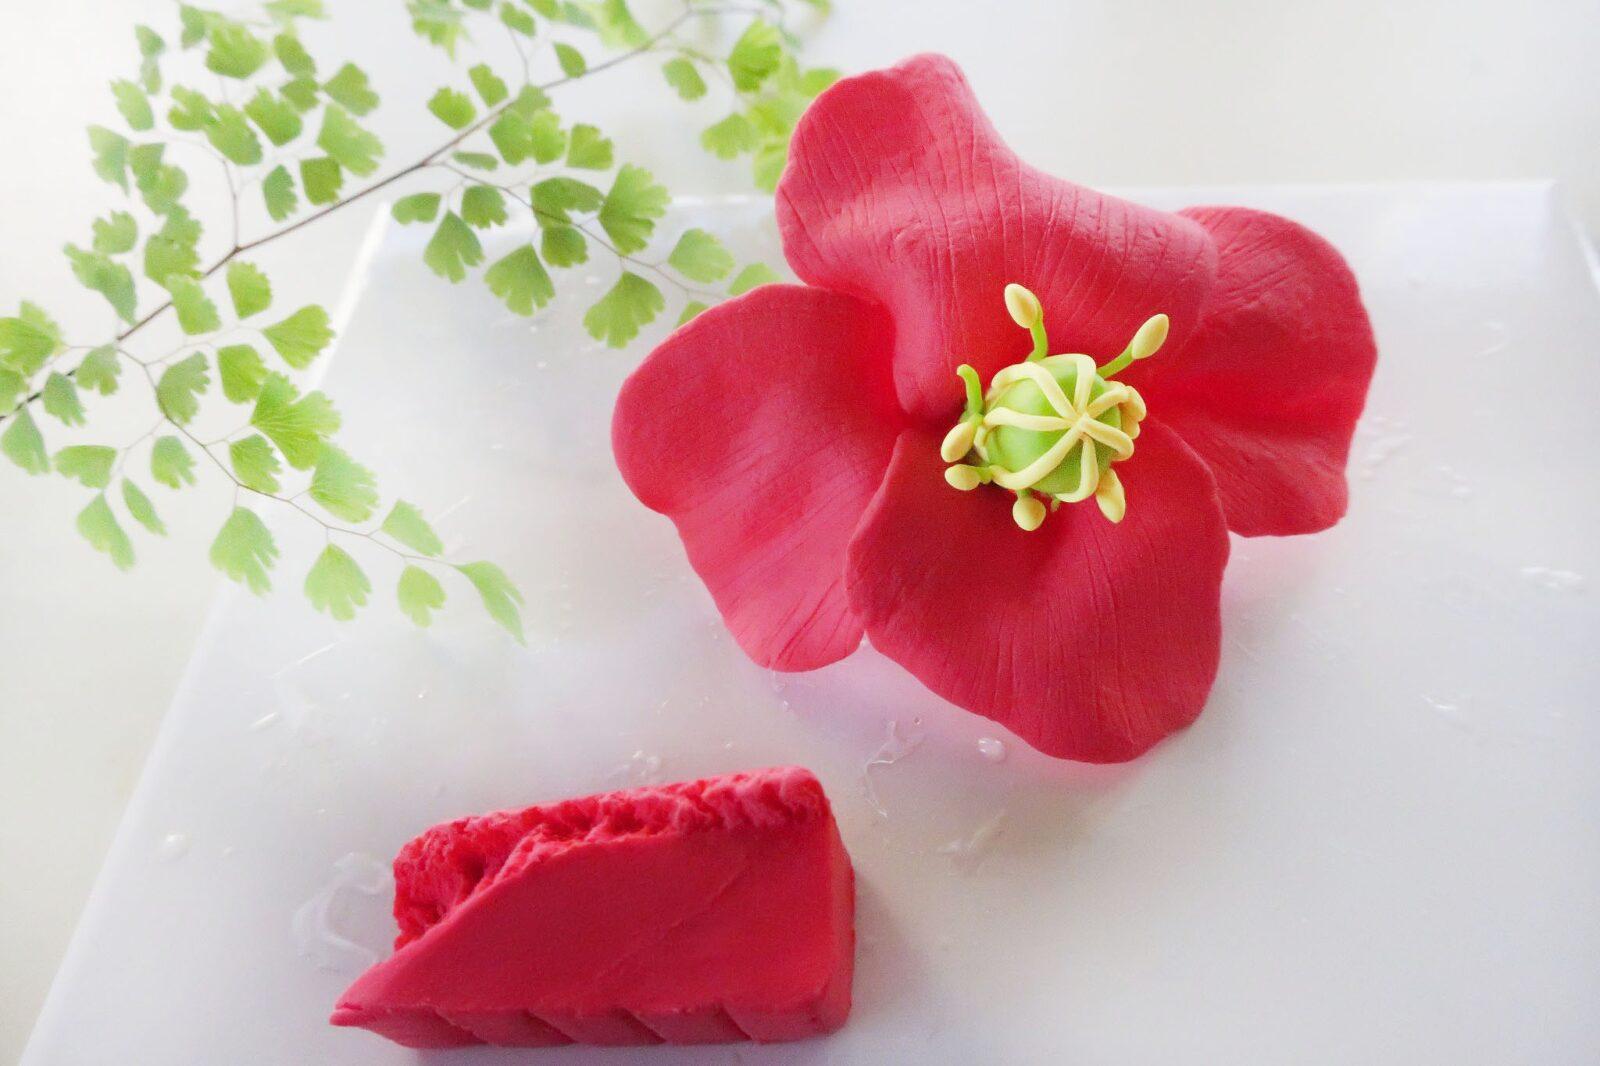 ポリマークレイ(オーブン粘土)の作り方ポピー